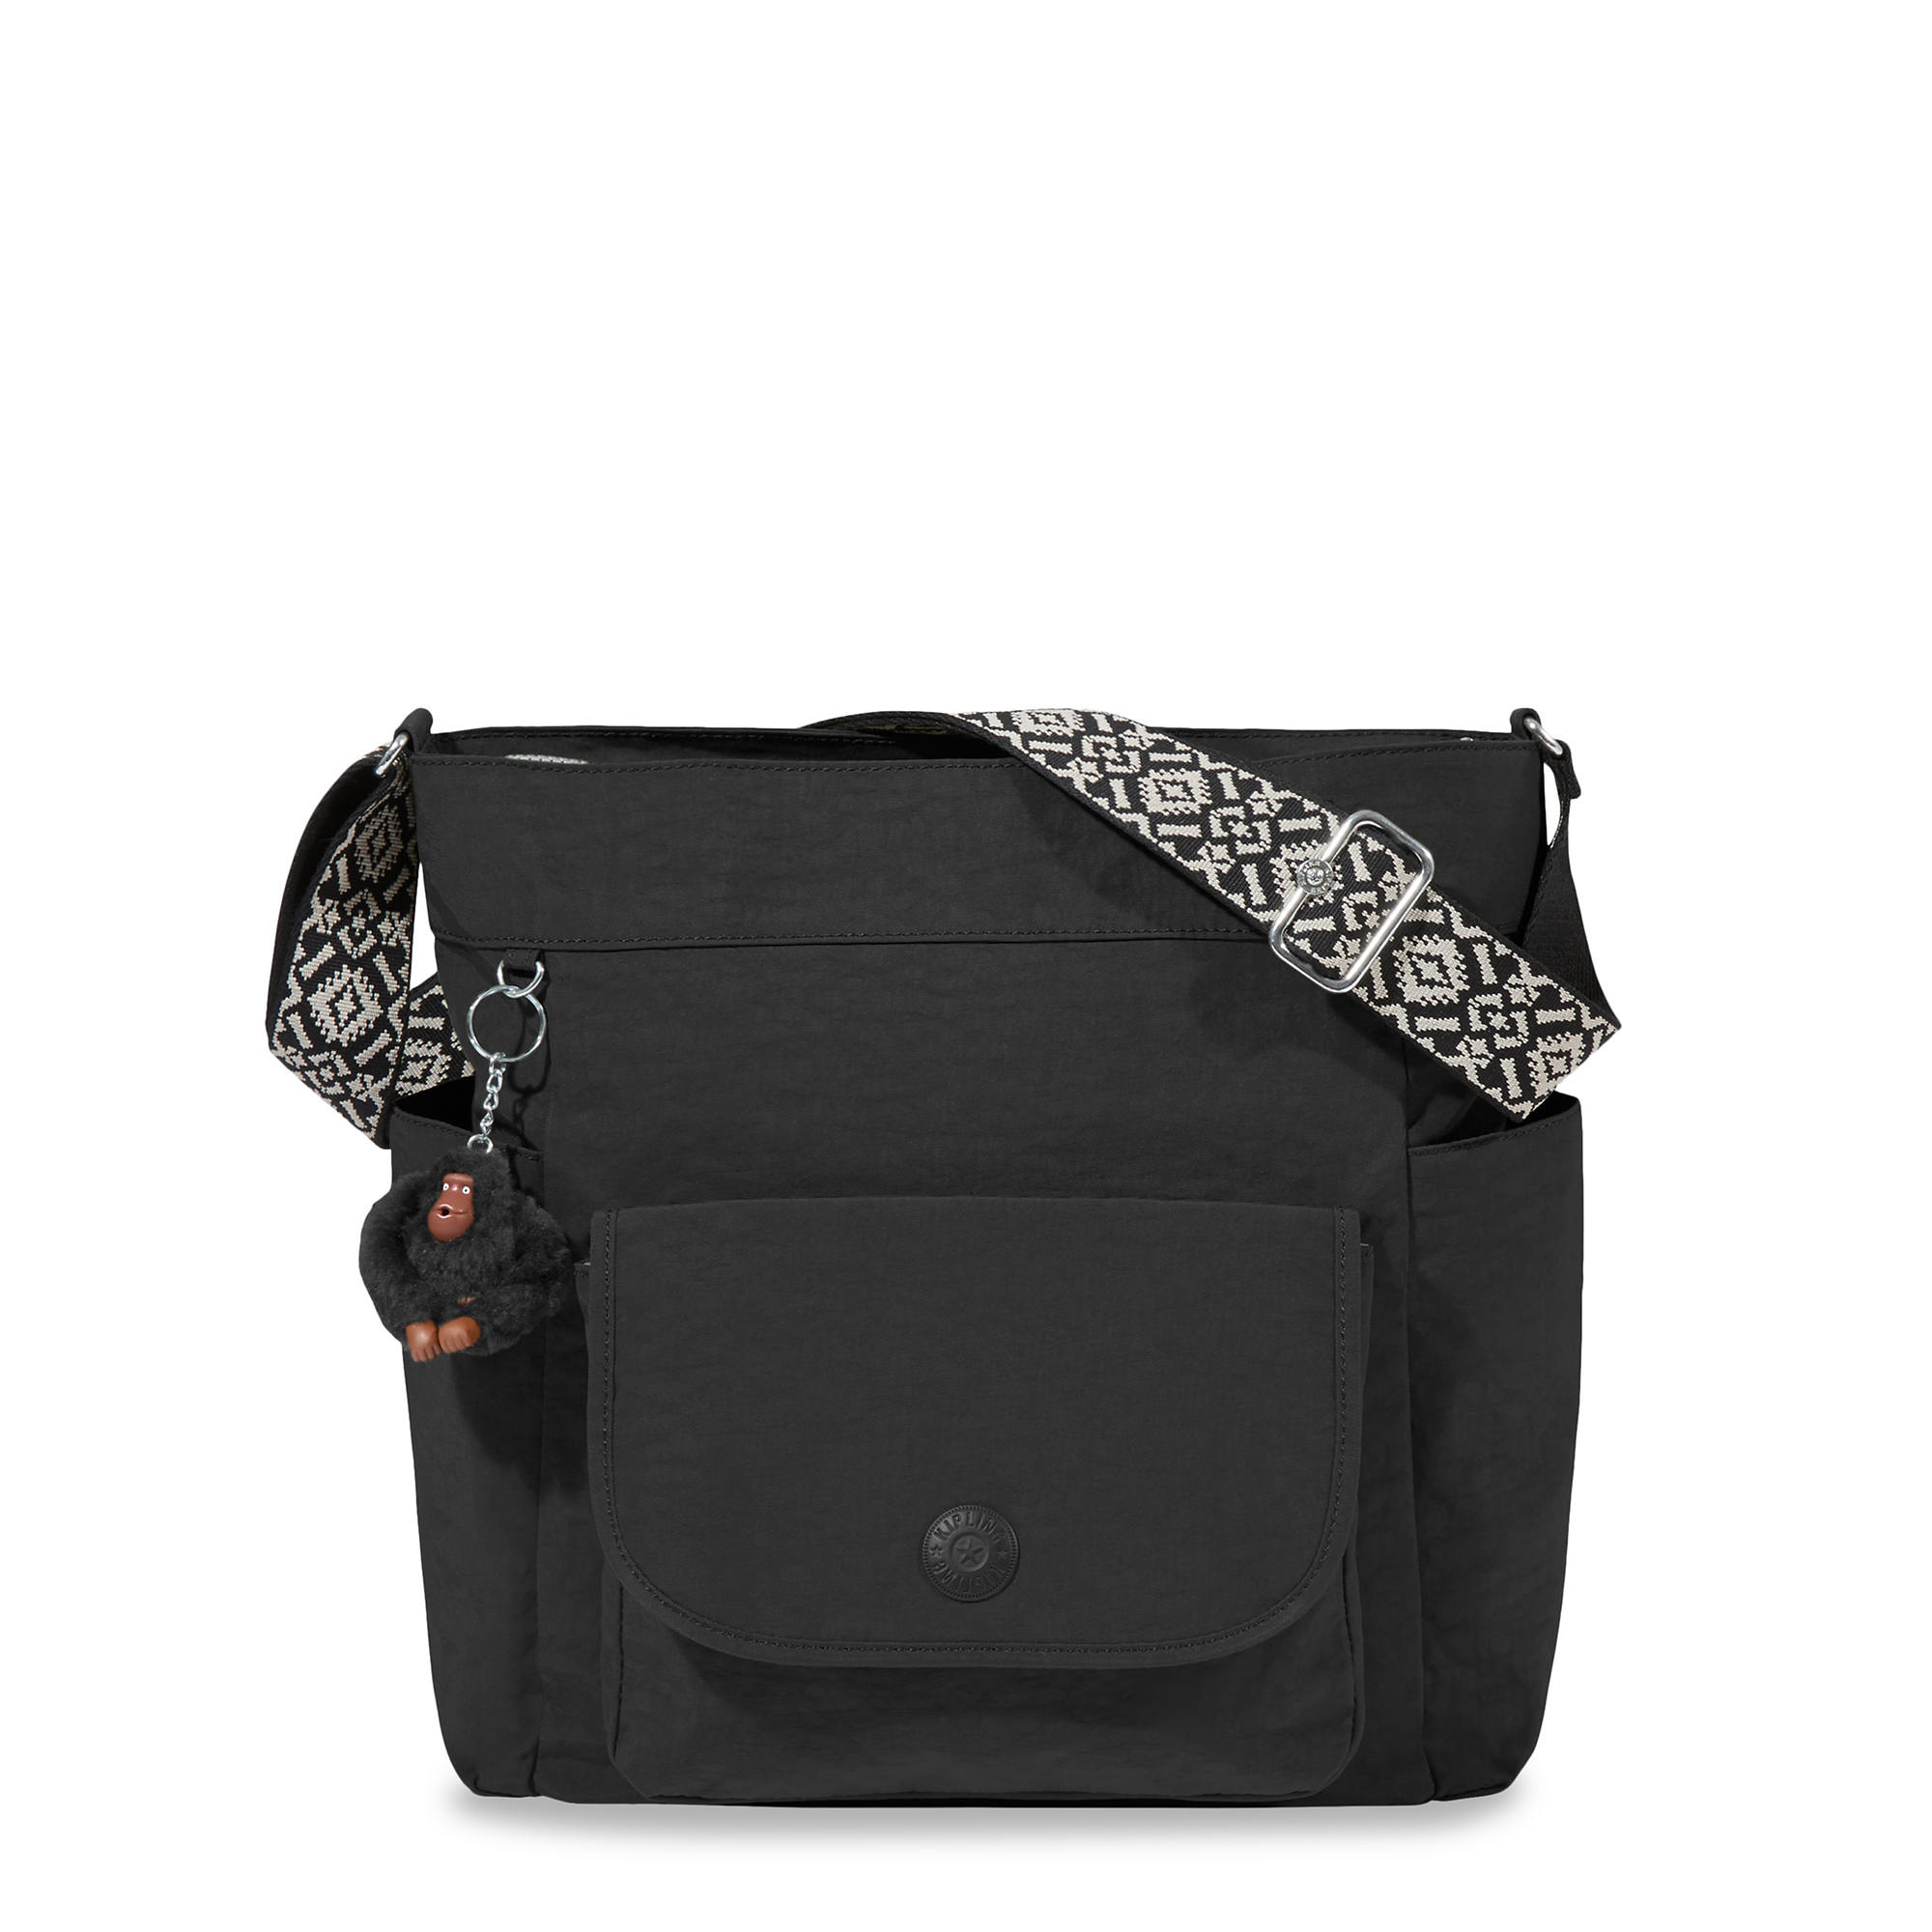 c0c8e2da25e Nyrie Crossbody Bag,Black Classic,large